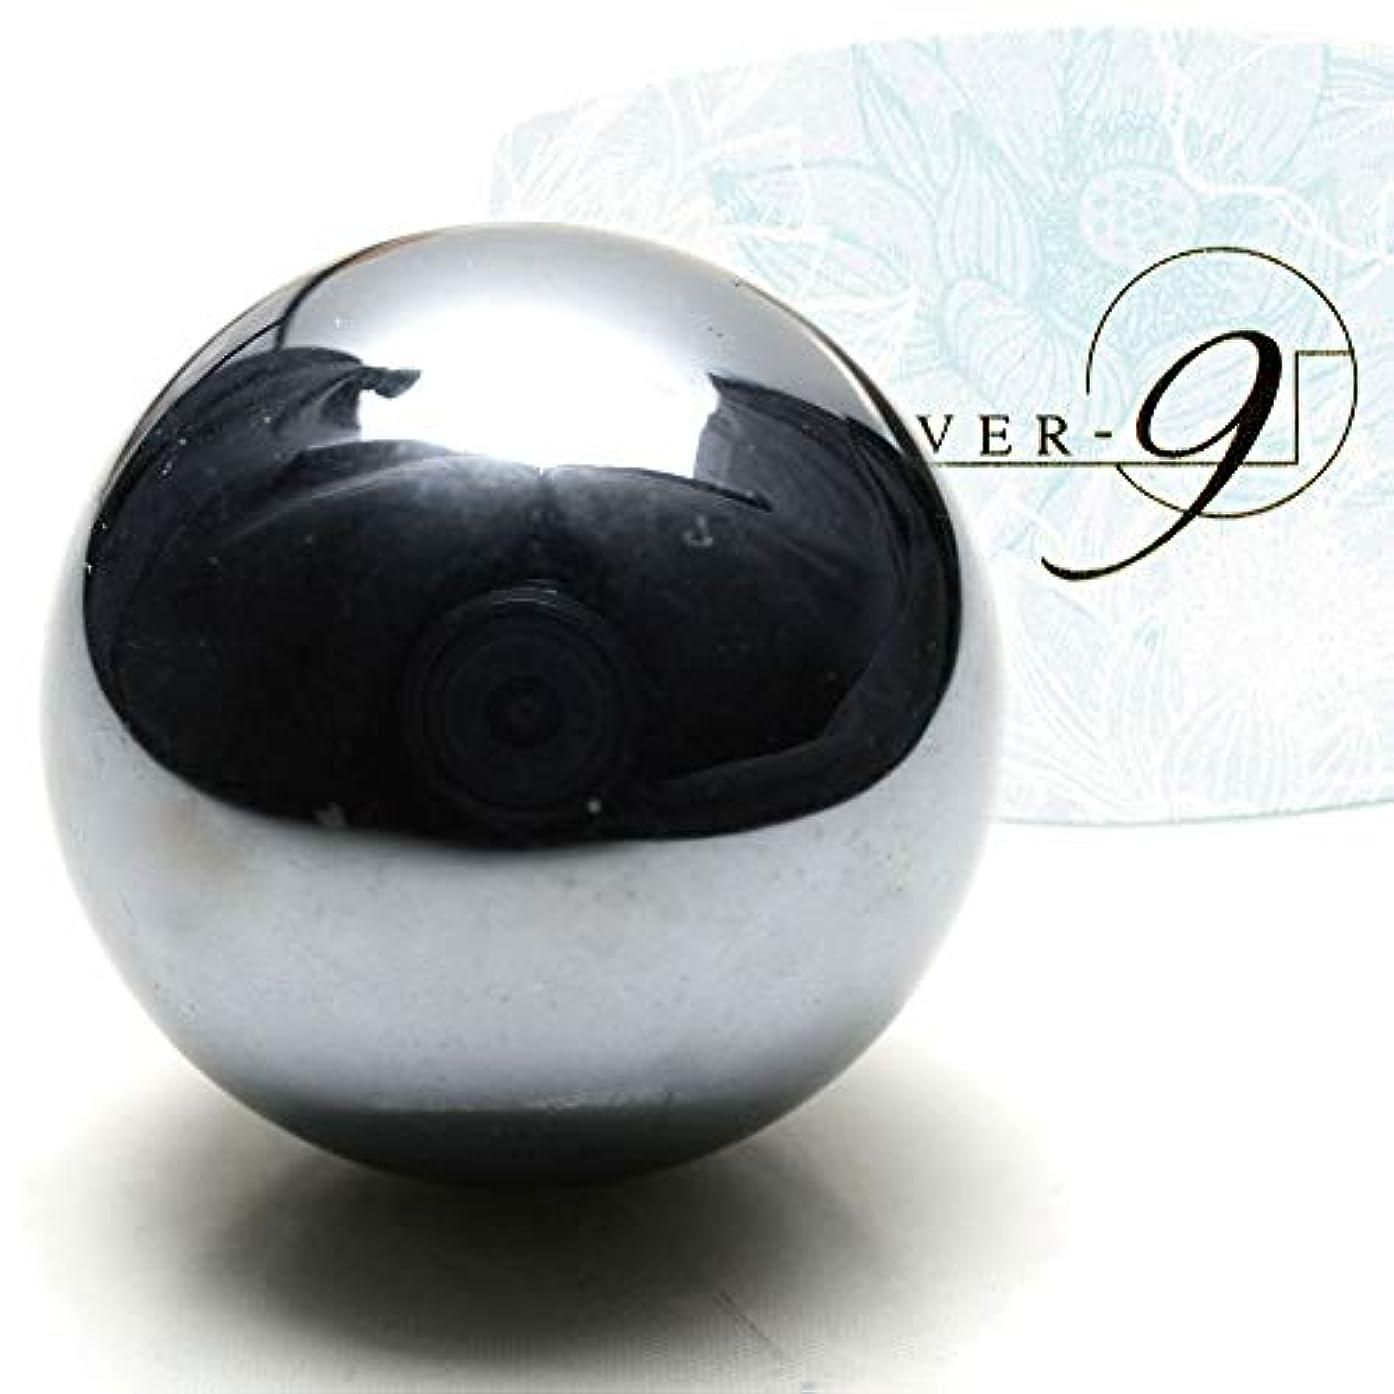 土寄稿者顕著テラヘルツ ボール 20mm 丸玉 マッサージボール 公的機関にて検査済み!パワーストーン 天然石 健康 美容 美顔 かっさ グッズ